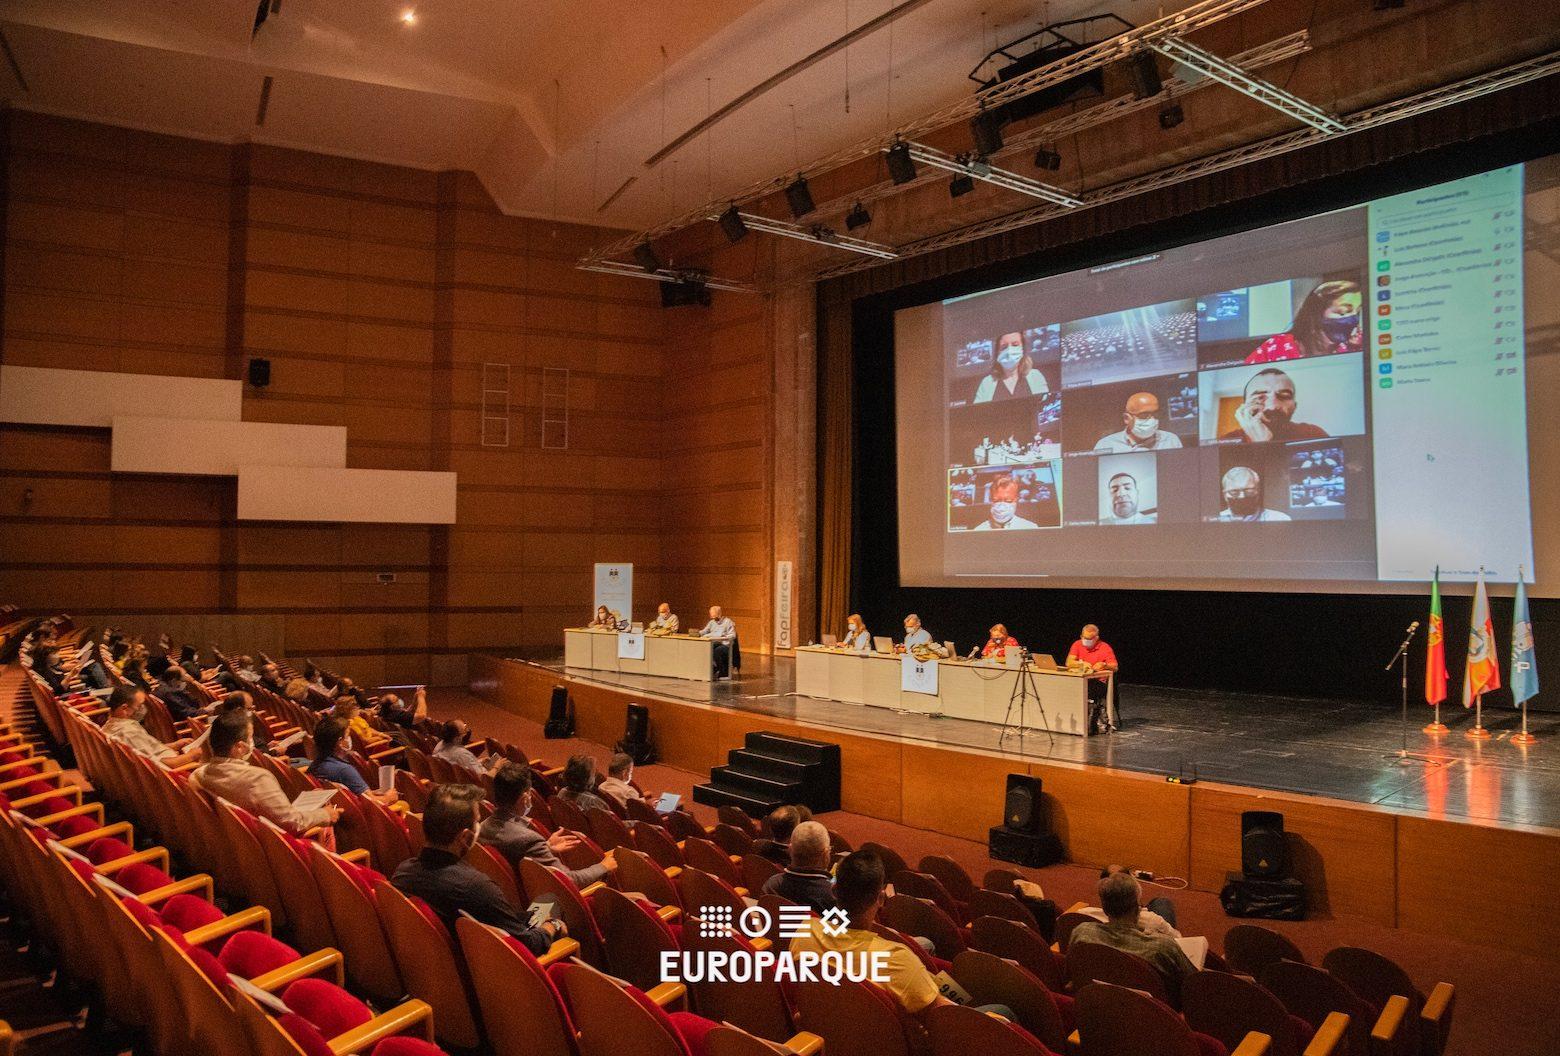 Europarque Abre Portas Ao Primeiro Evento Depois Do Encerramento Provocado Pelo COVID-19